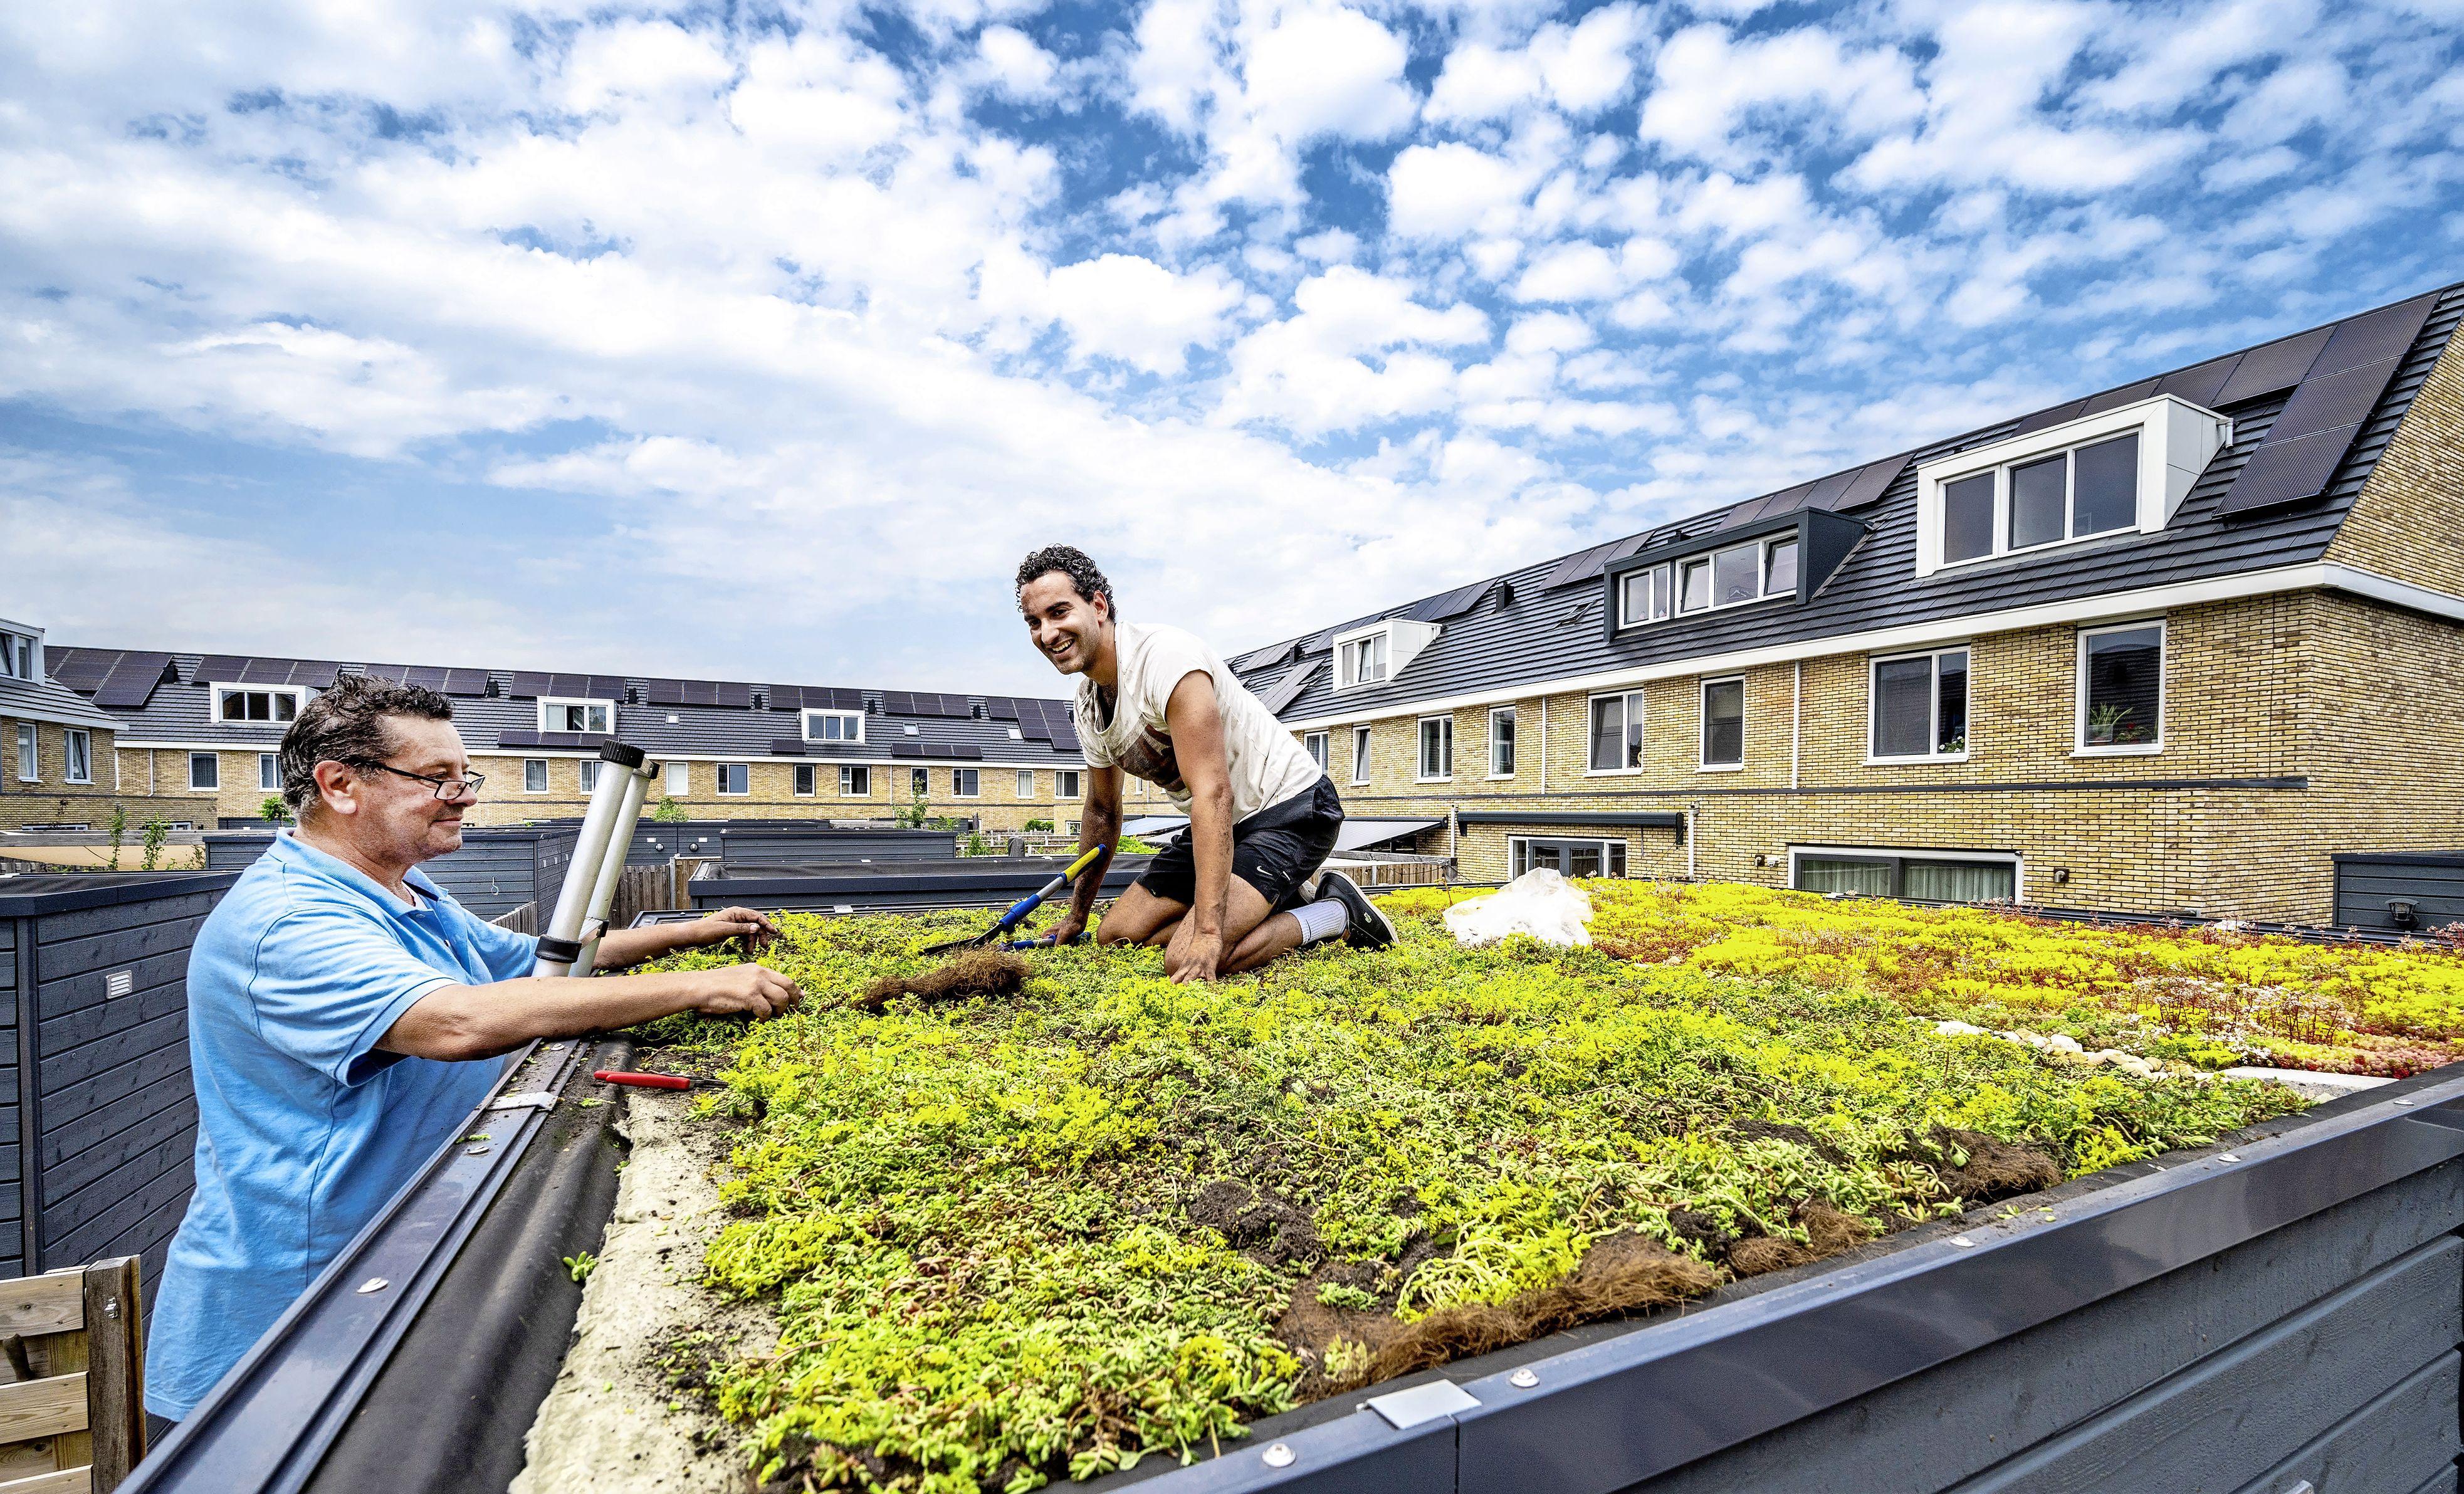 Groene daken in de Groene Linten; sedumdaken en regentonnen met subsidie